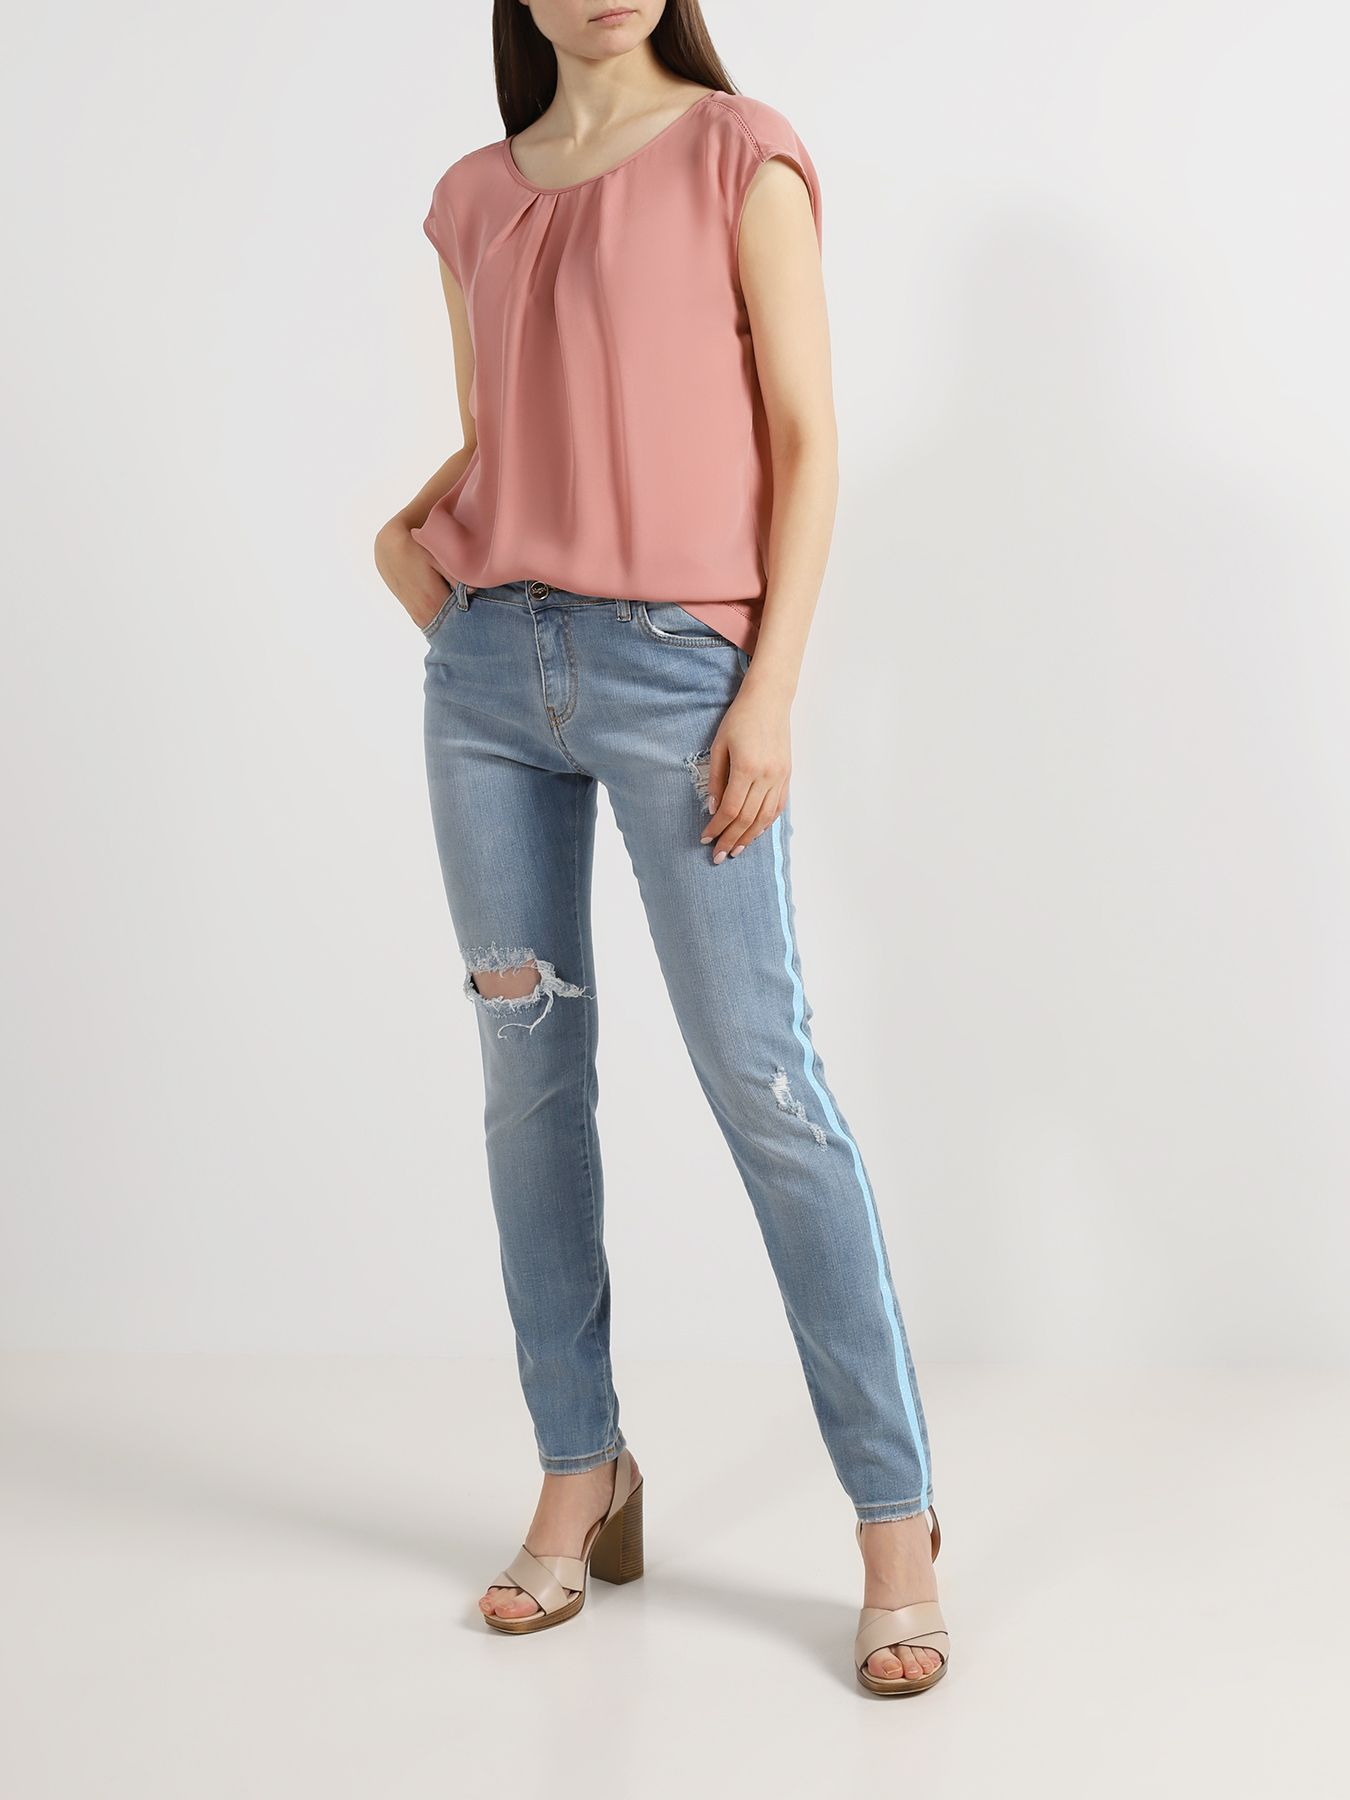 Брюки Blugirl Джинсы джинсы wrangler джинсы arizona